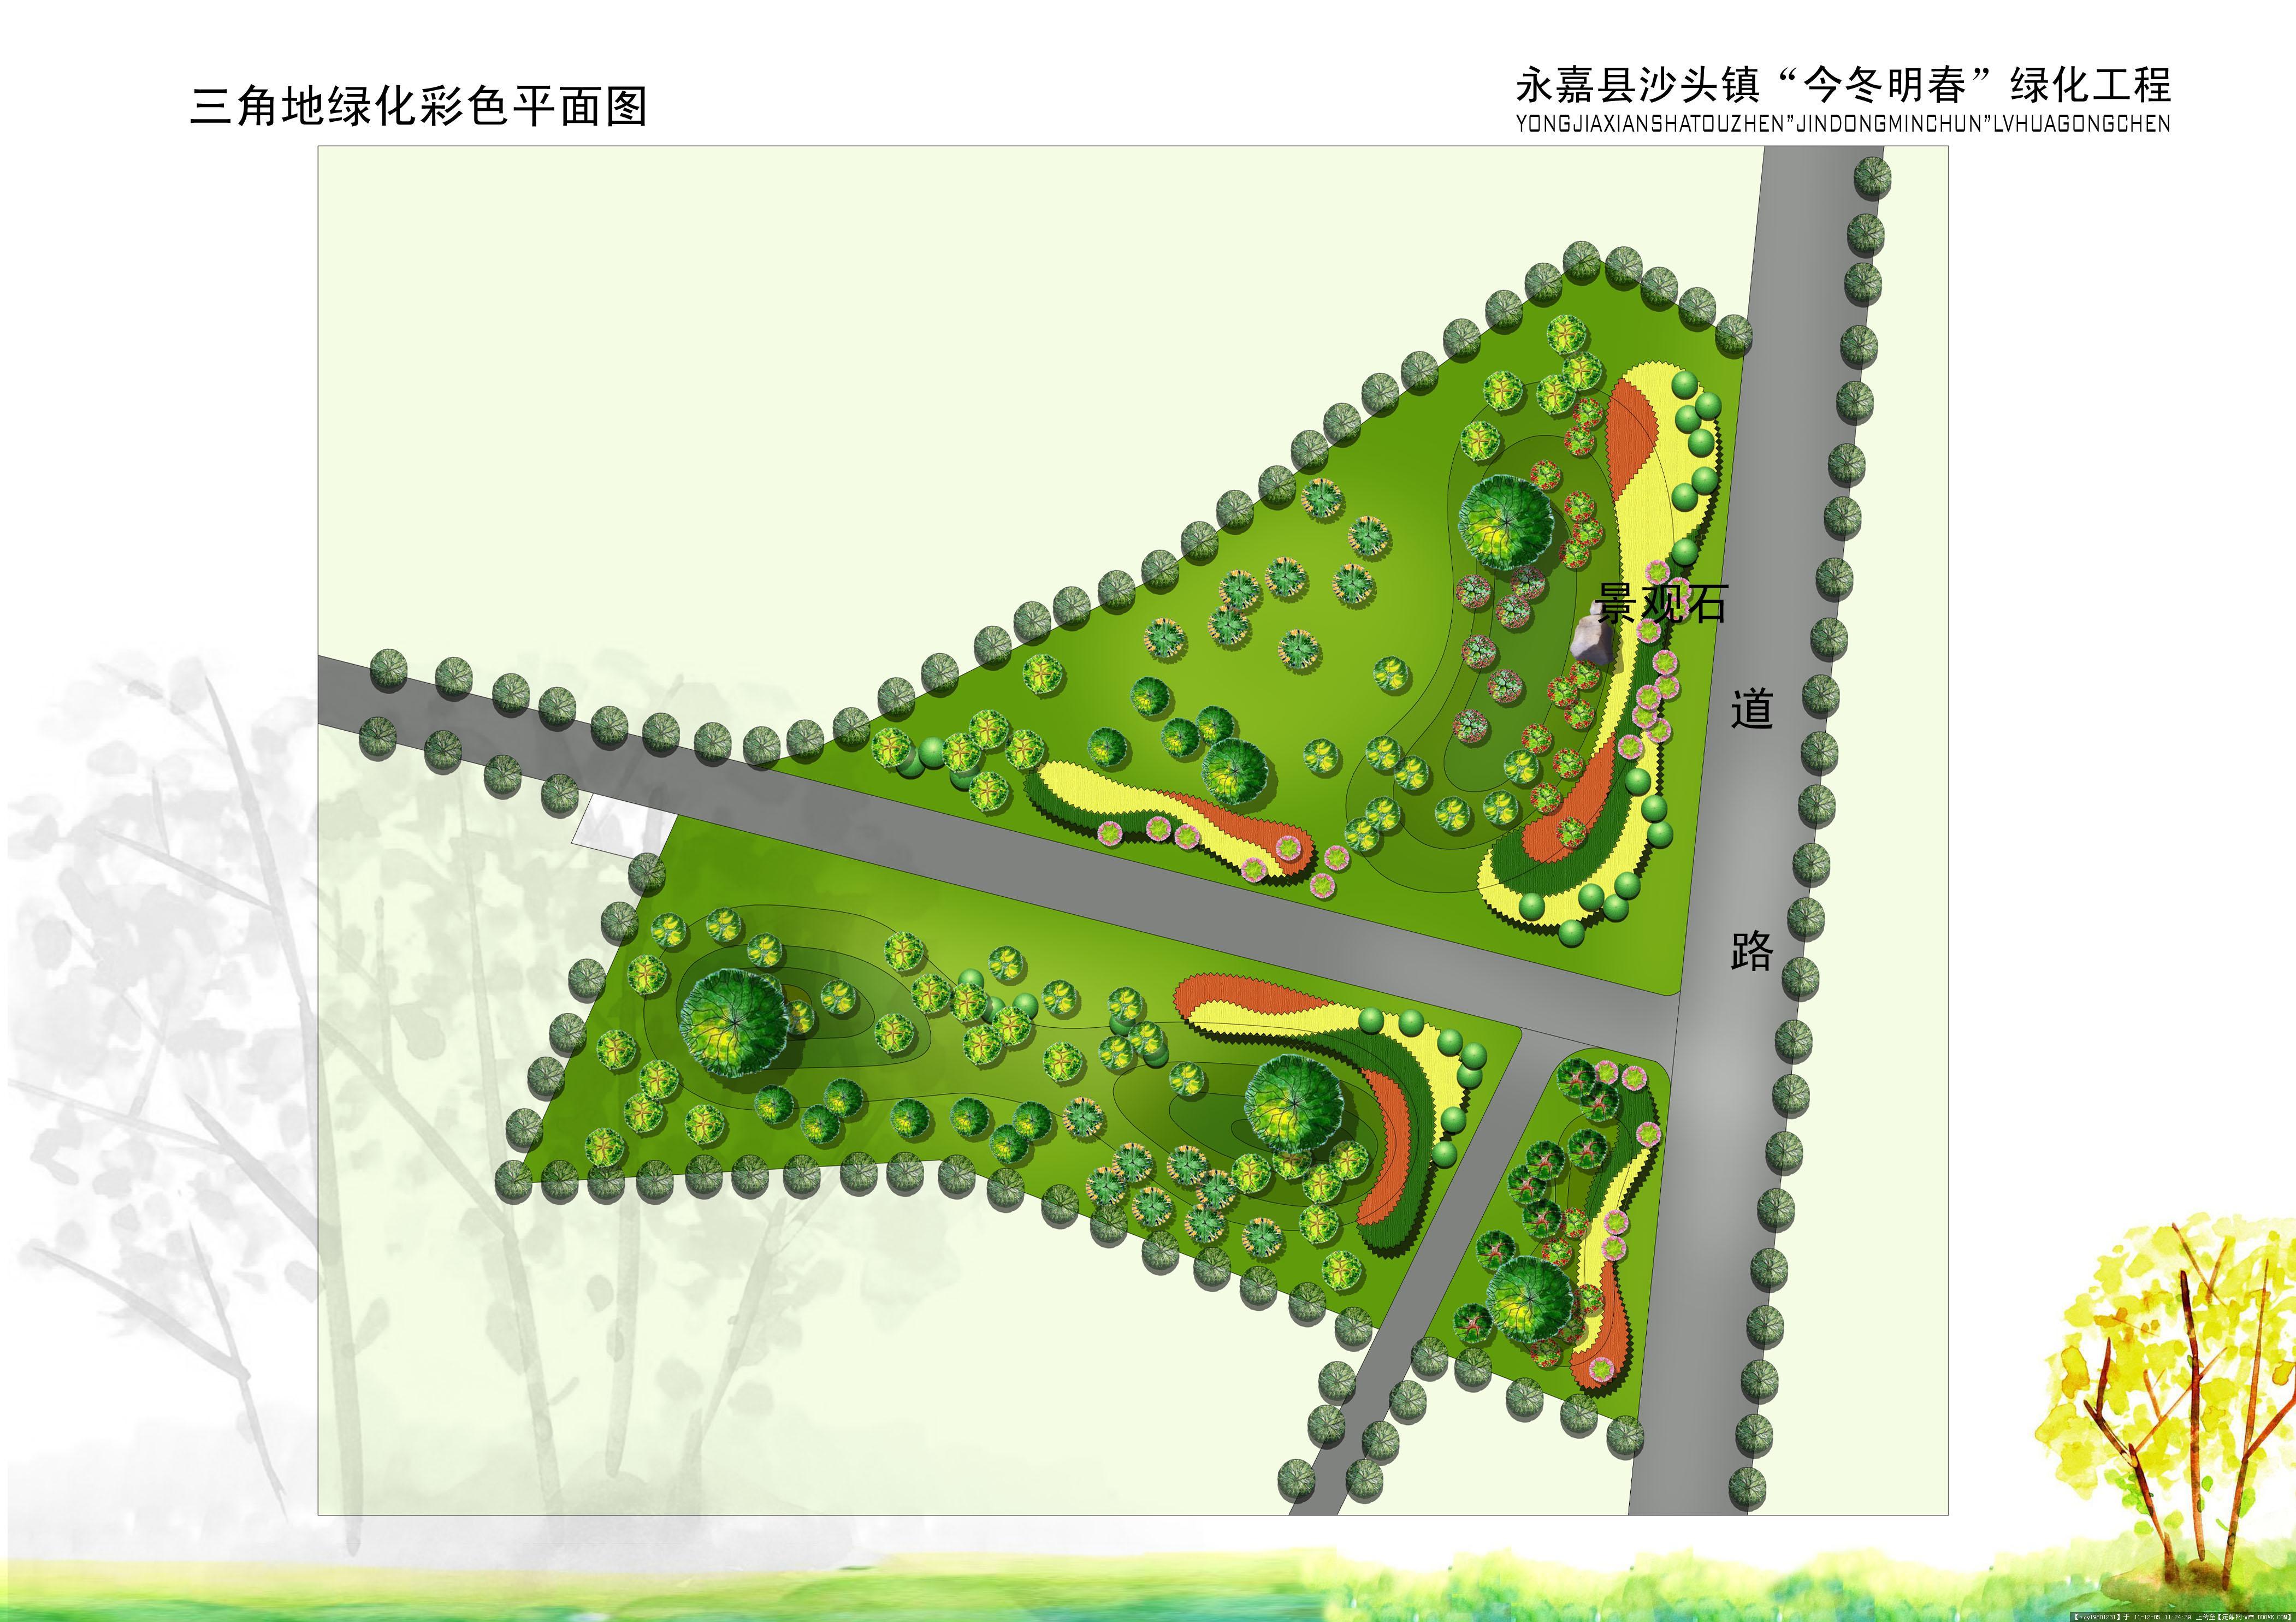 景观效果图-三角地彩色平面图; 公园景观效果图;; 公园景观效果图的